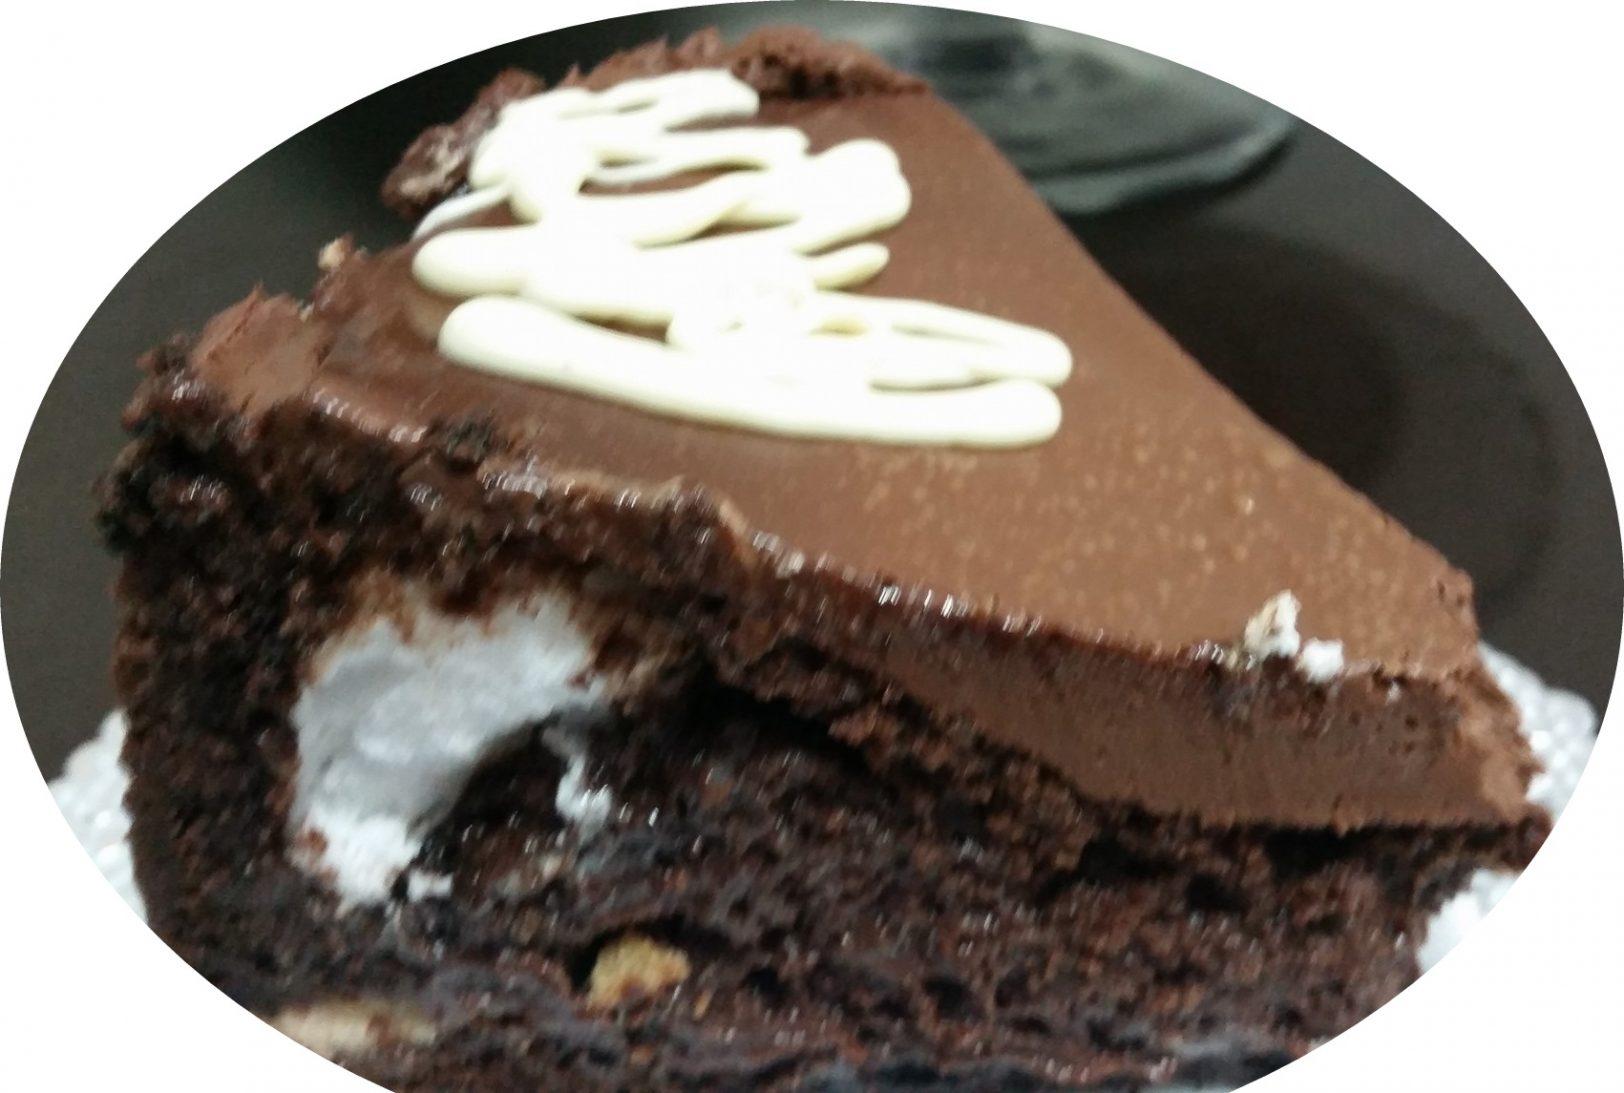 עוגה שוקולדית במילוי חטיפי קרמבו על תחתית עוגיות אוריאו בציפוי גאנש שוקולד בחושה